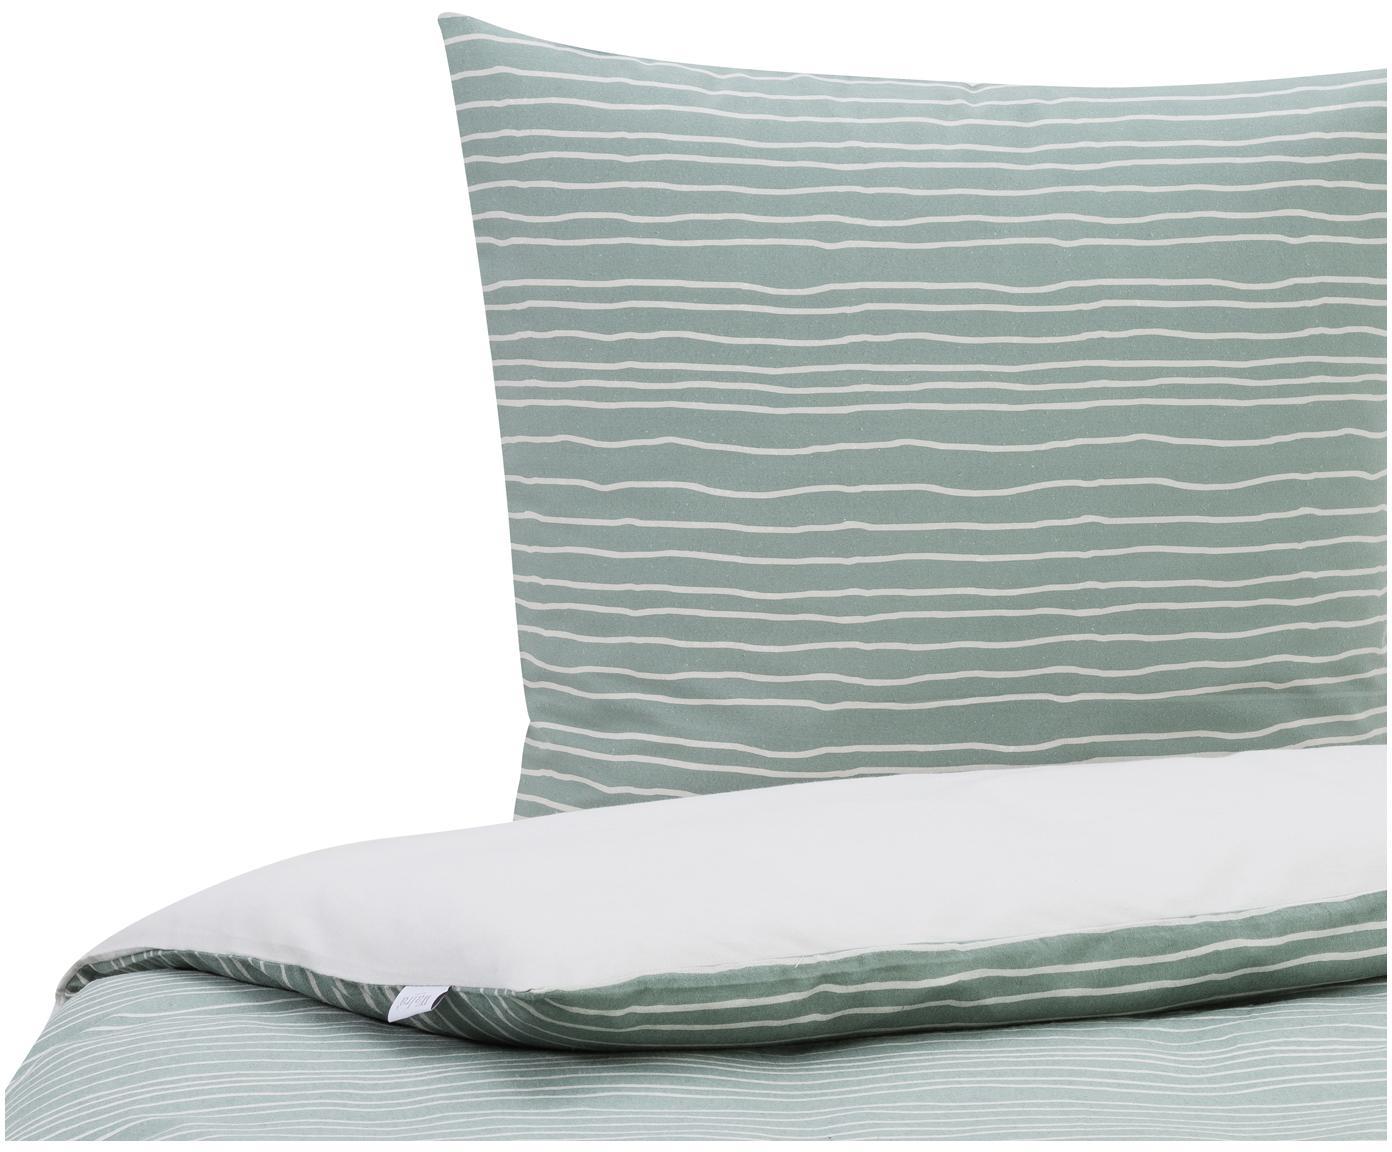 Flanell-Bettwäsche Luton mit Linien, Webart: Flanell Flanell ist ein s, Jadegrün, 135 x 200 cm + 1 Kissen 80 x 80 cm